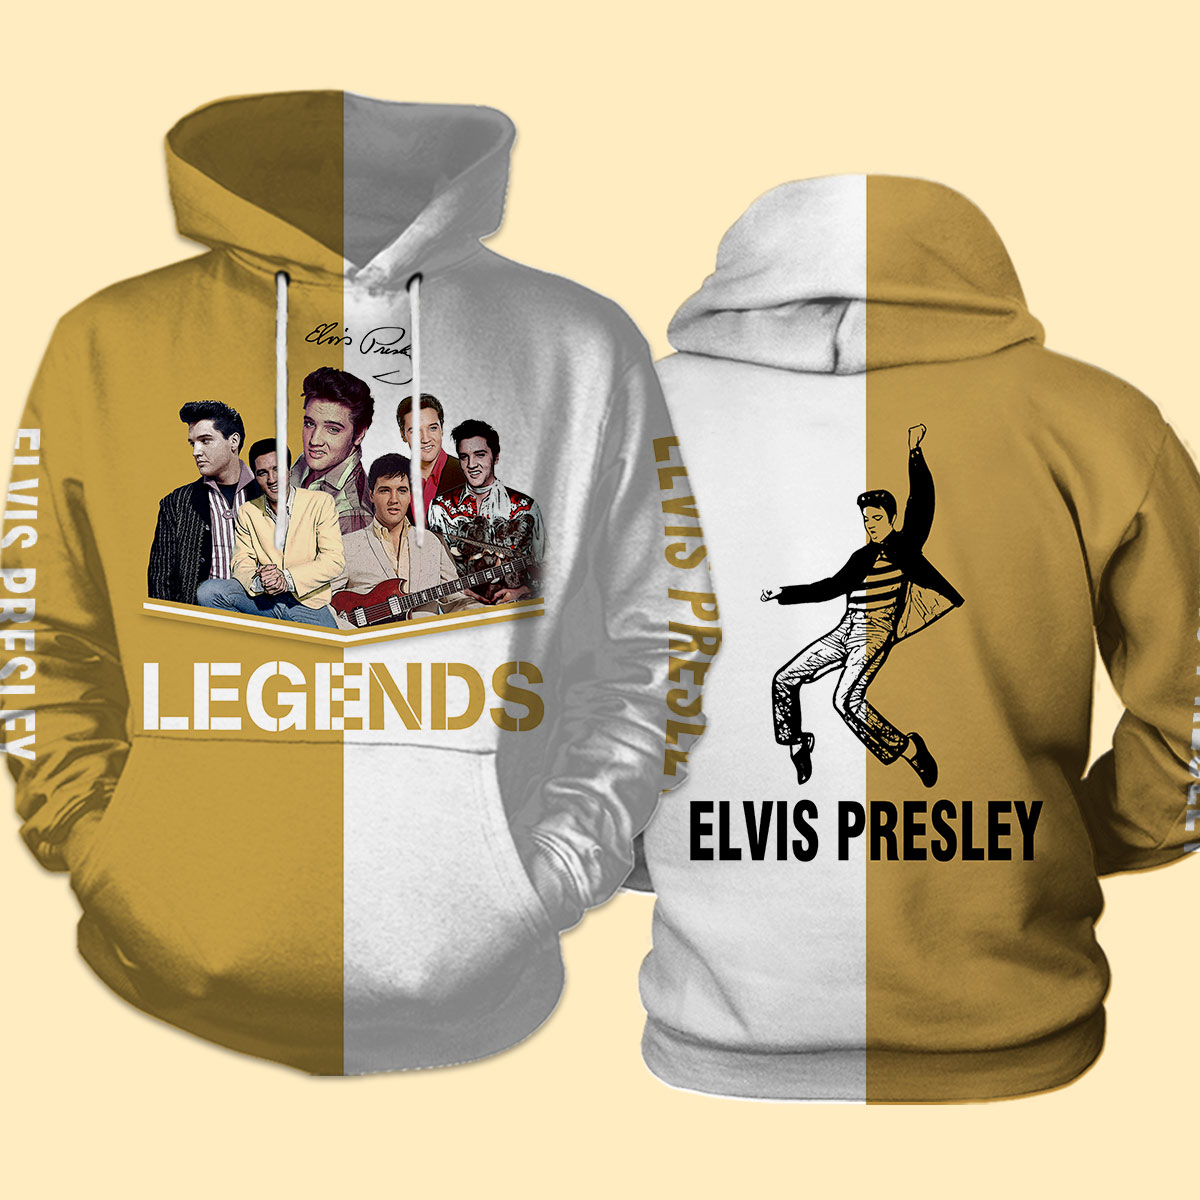 Elvis presley legends full over print hoodie